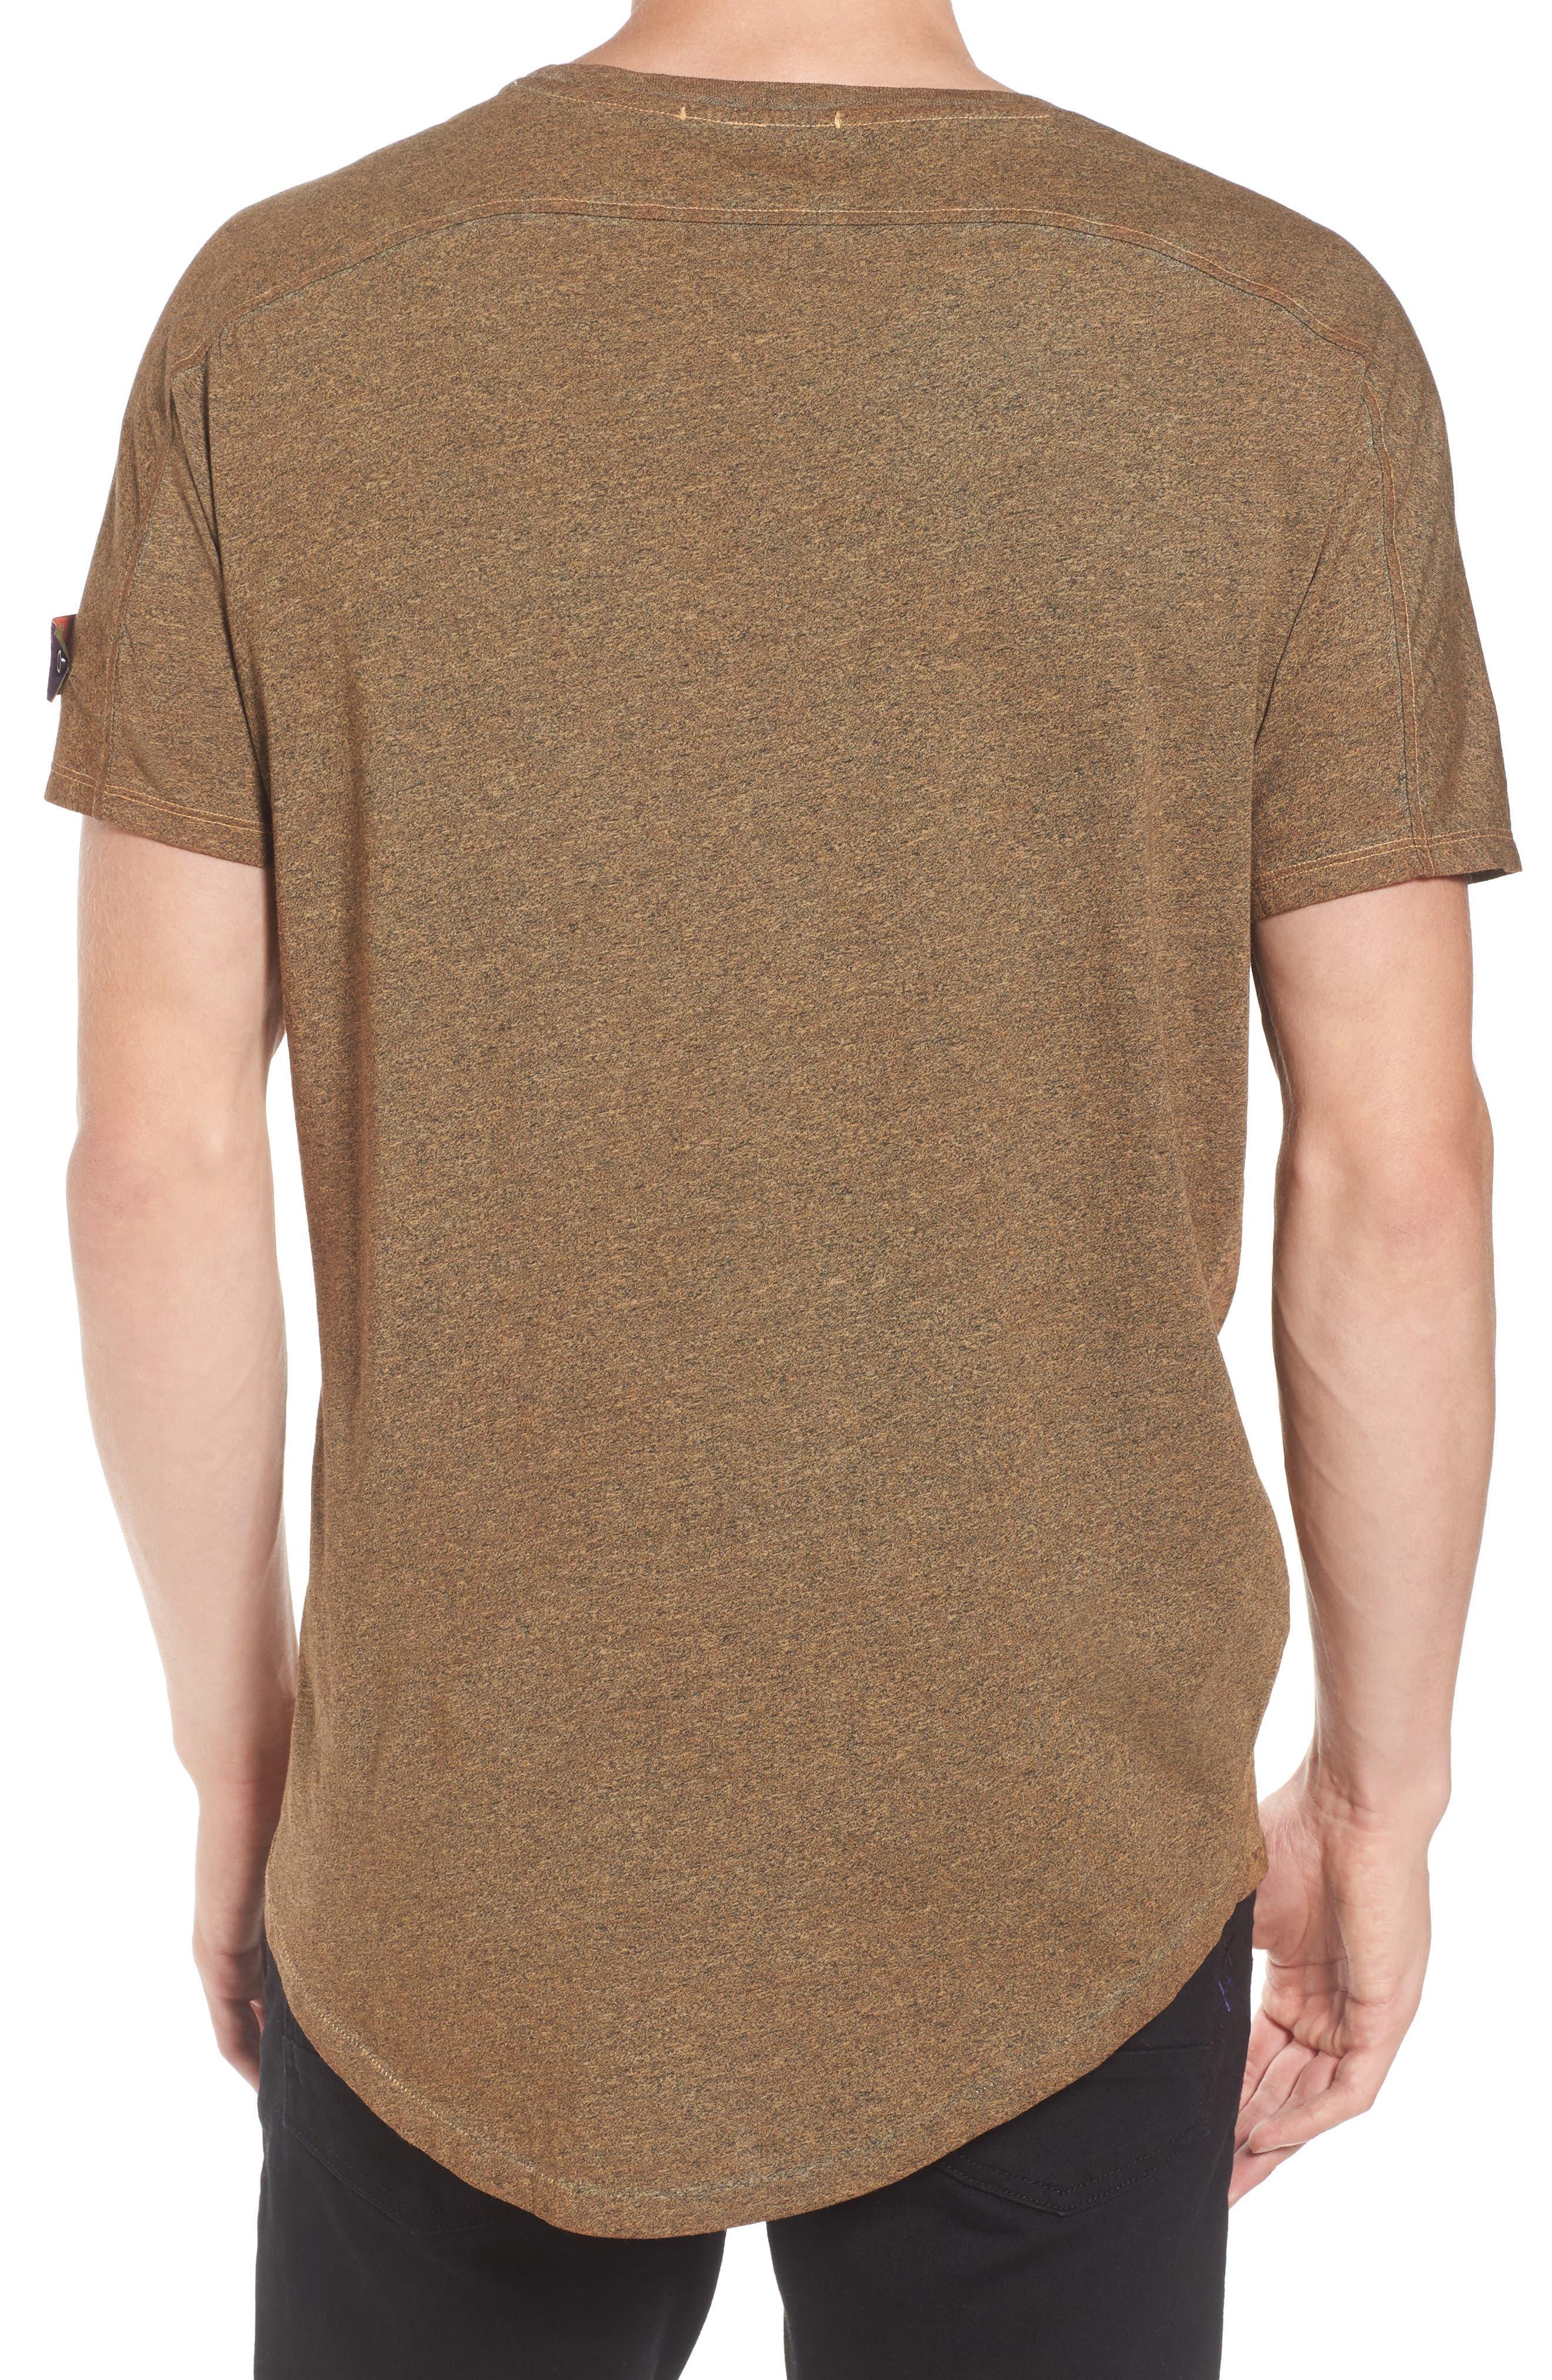 Oil-Washed Pocket T-Shirt,                             Alternate thumbnail 2, color,                             Ginger